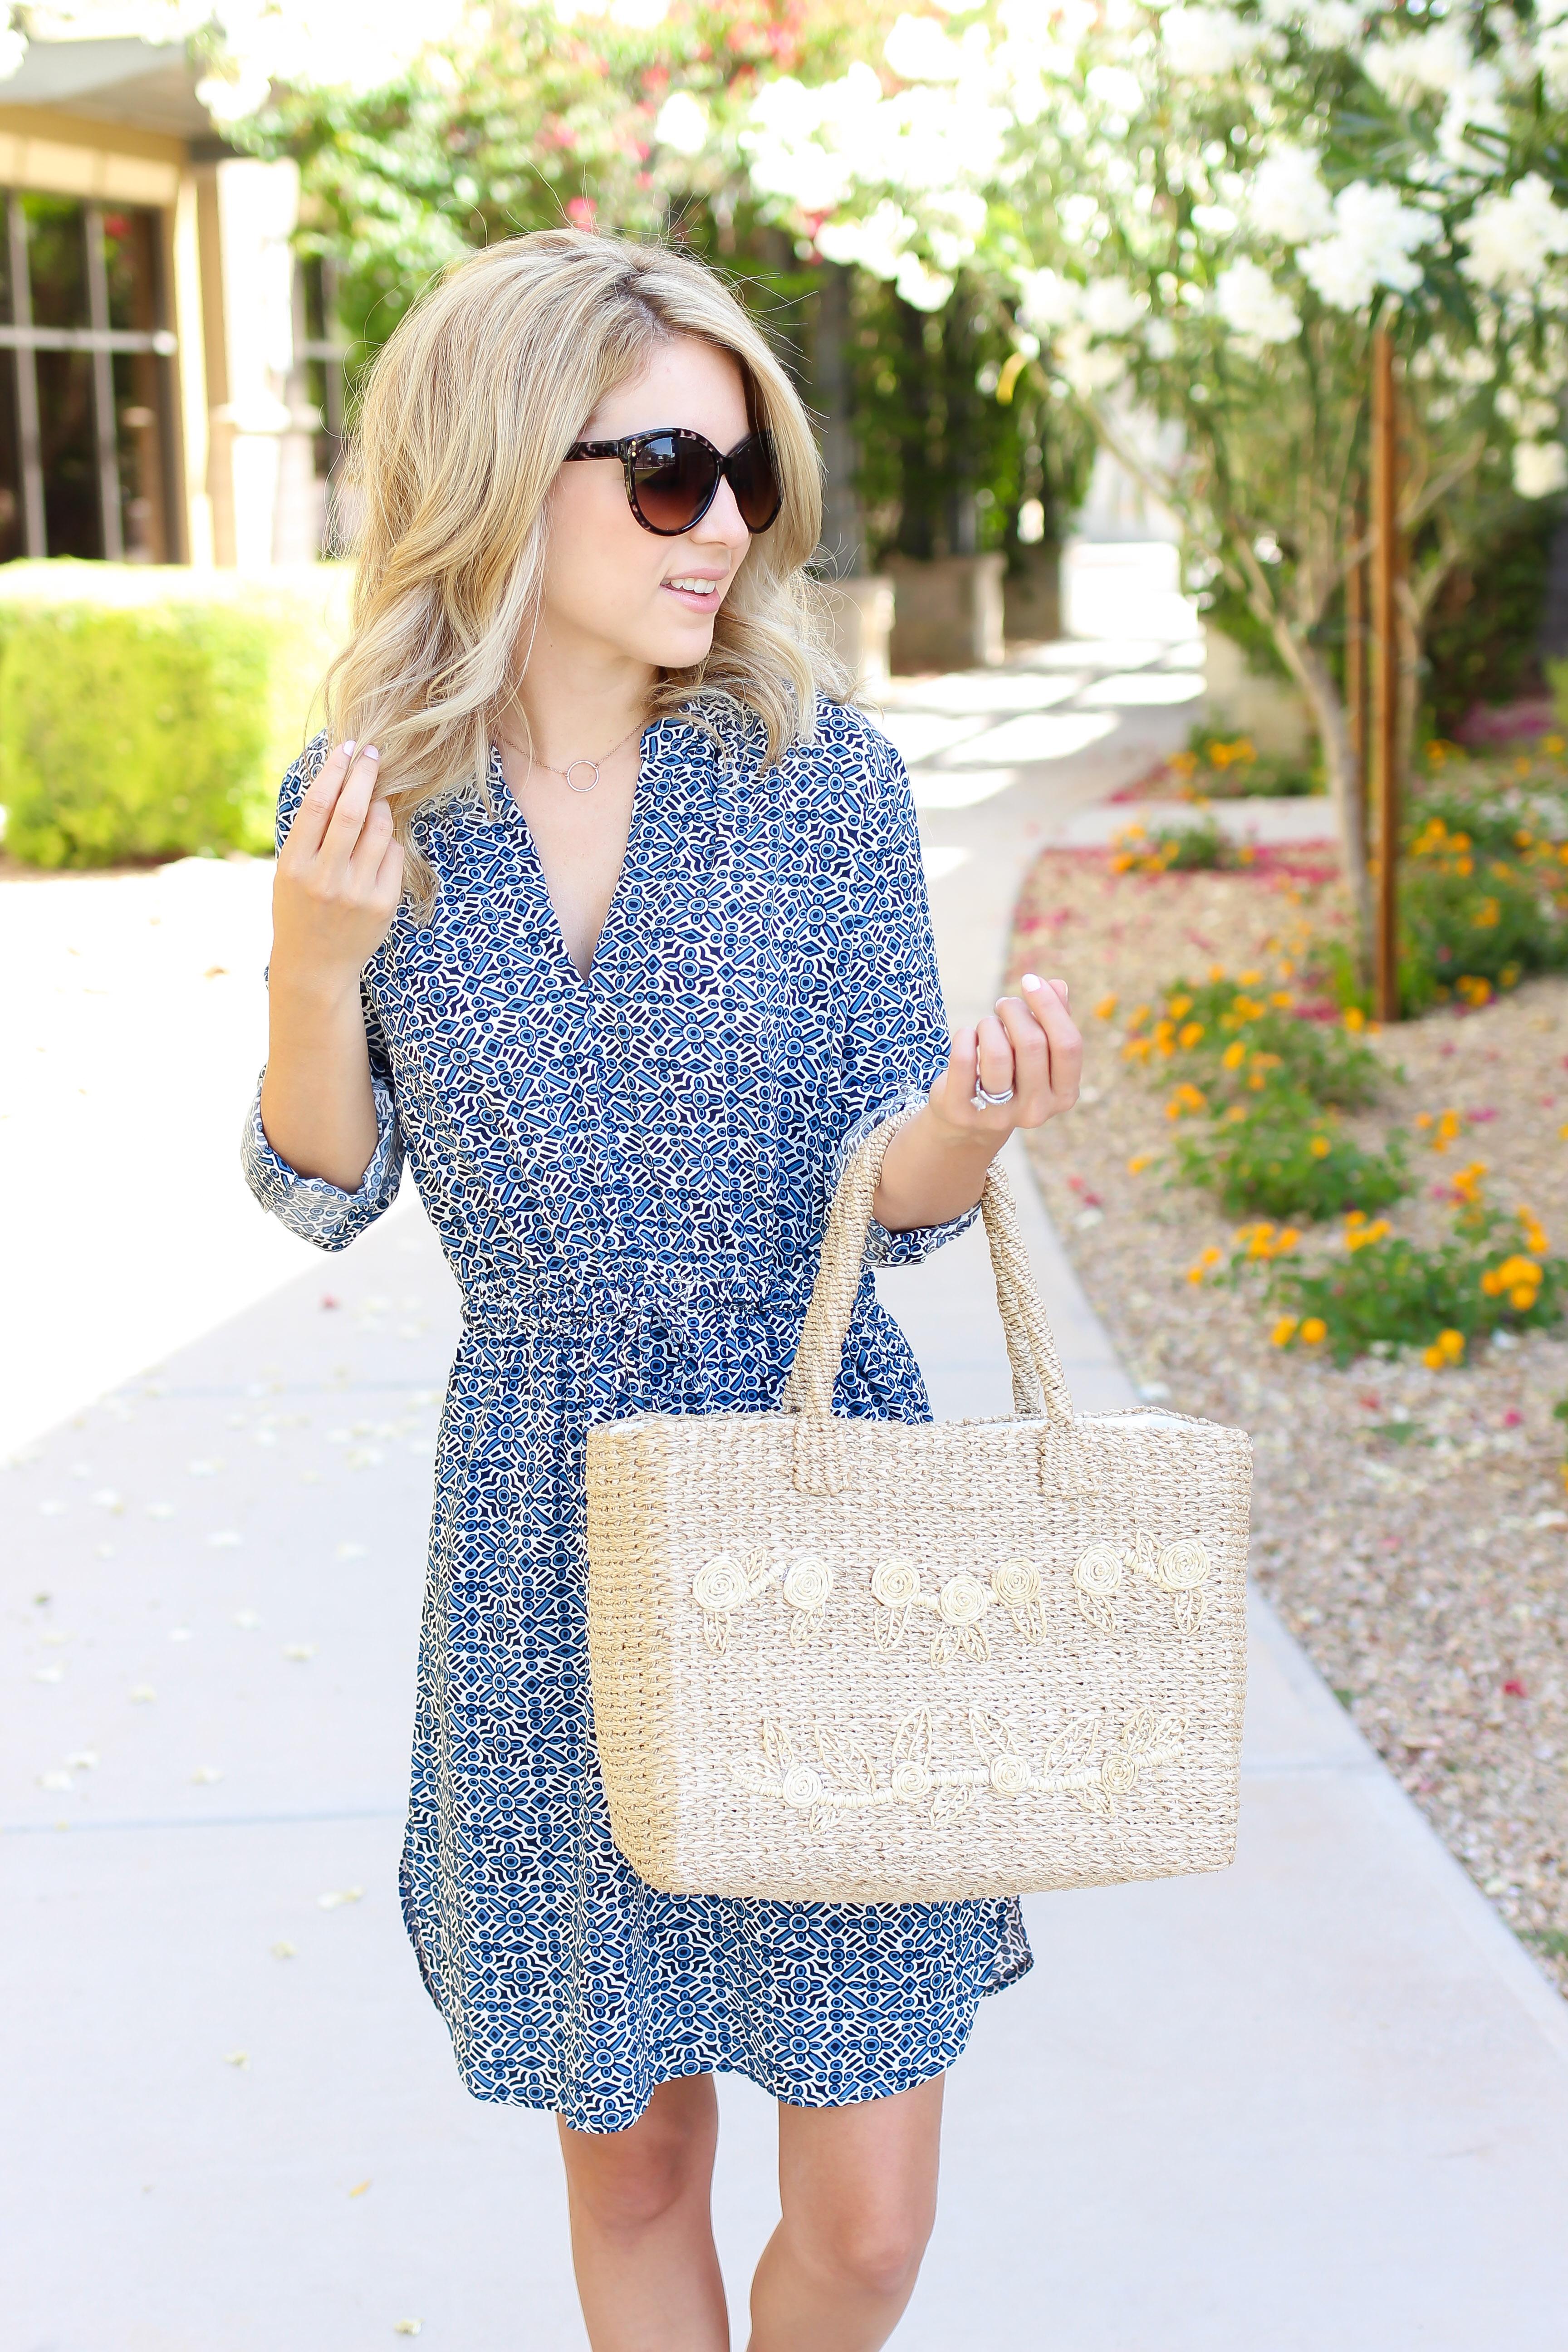 mosaic print dresses - summer dresses - shirt dress outfit